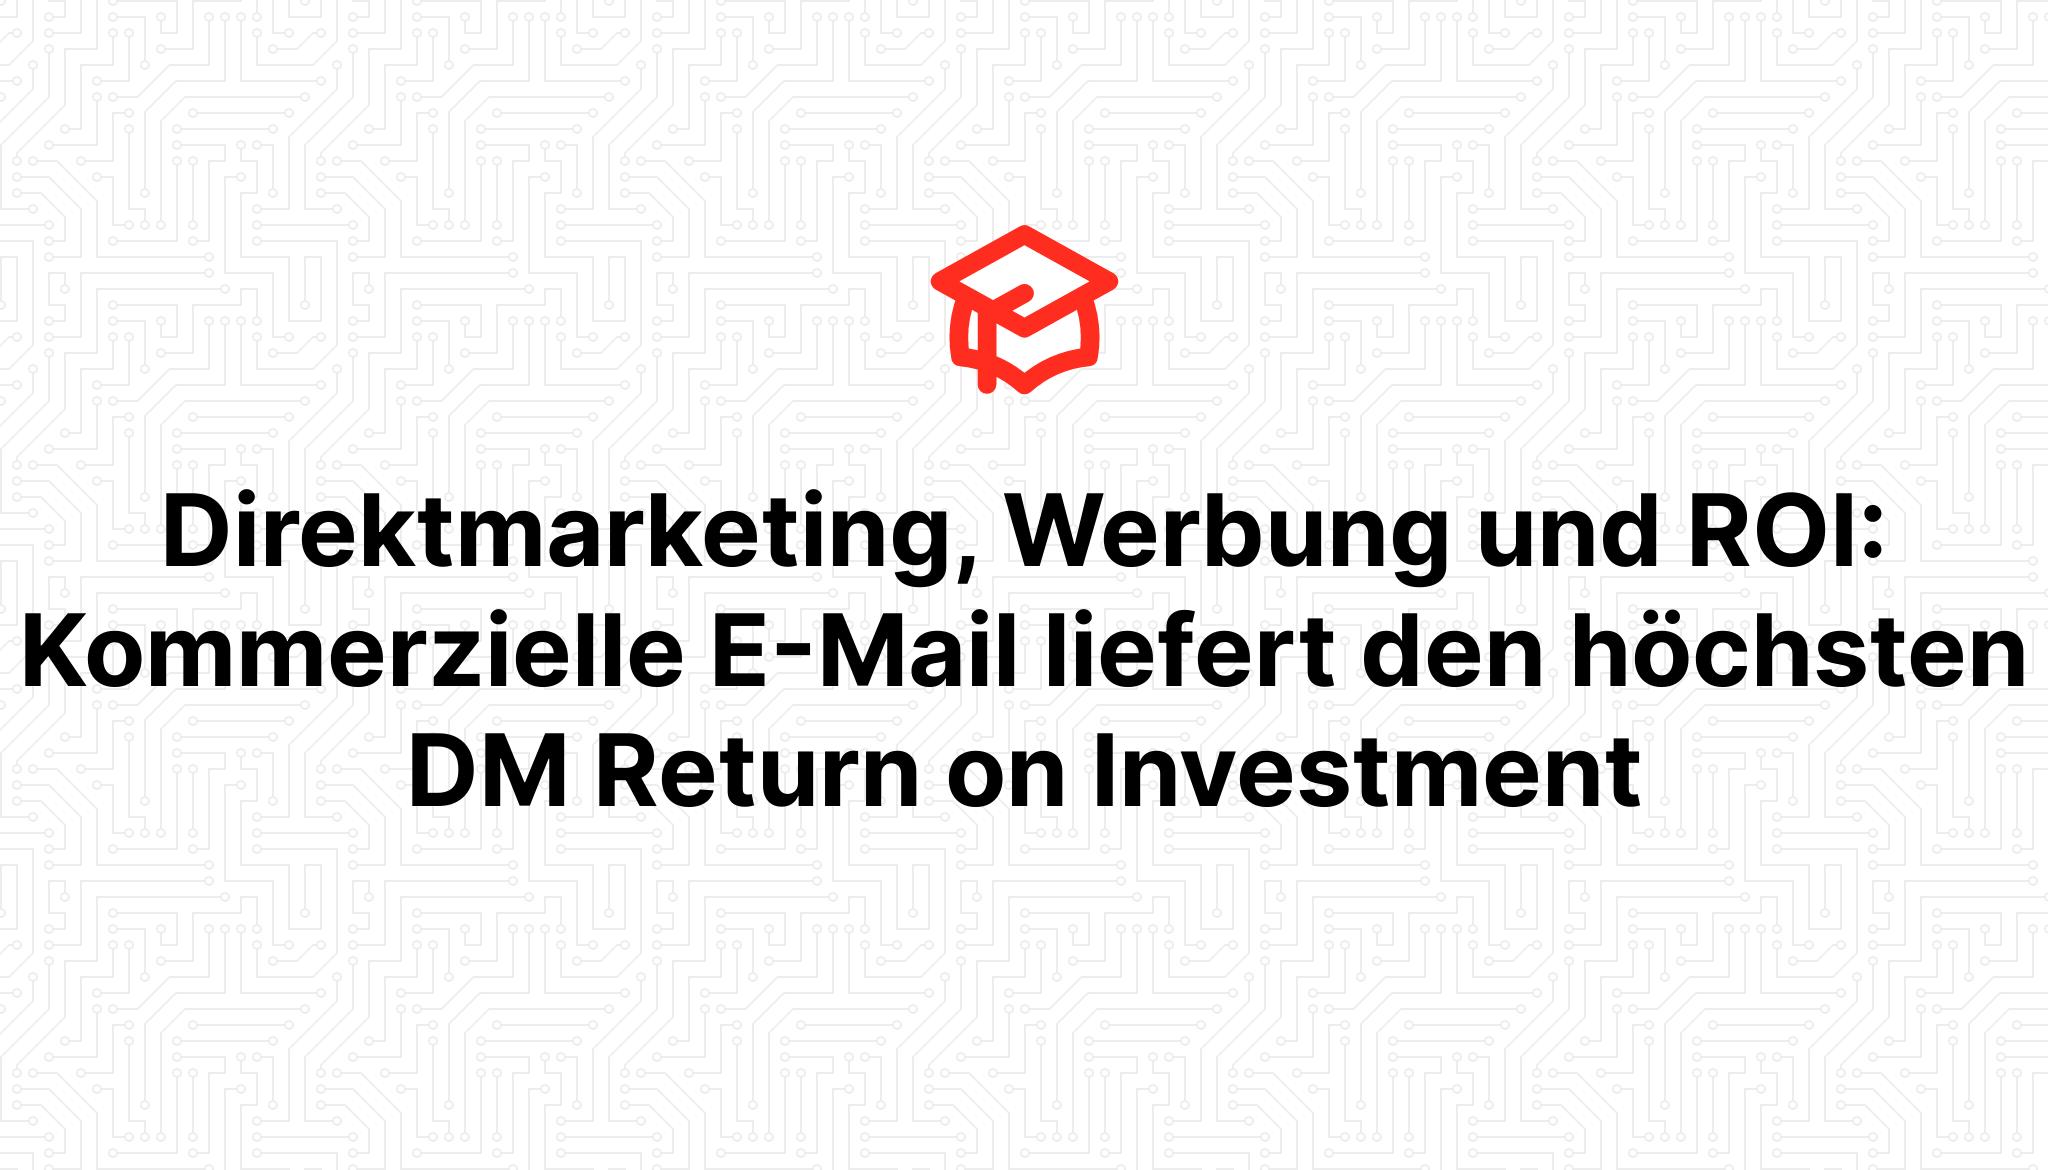 Direktmarketing, Werbung und ROI: Kommerzielle E-Mail liefert den höchsten DM Return on Investment